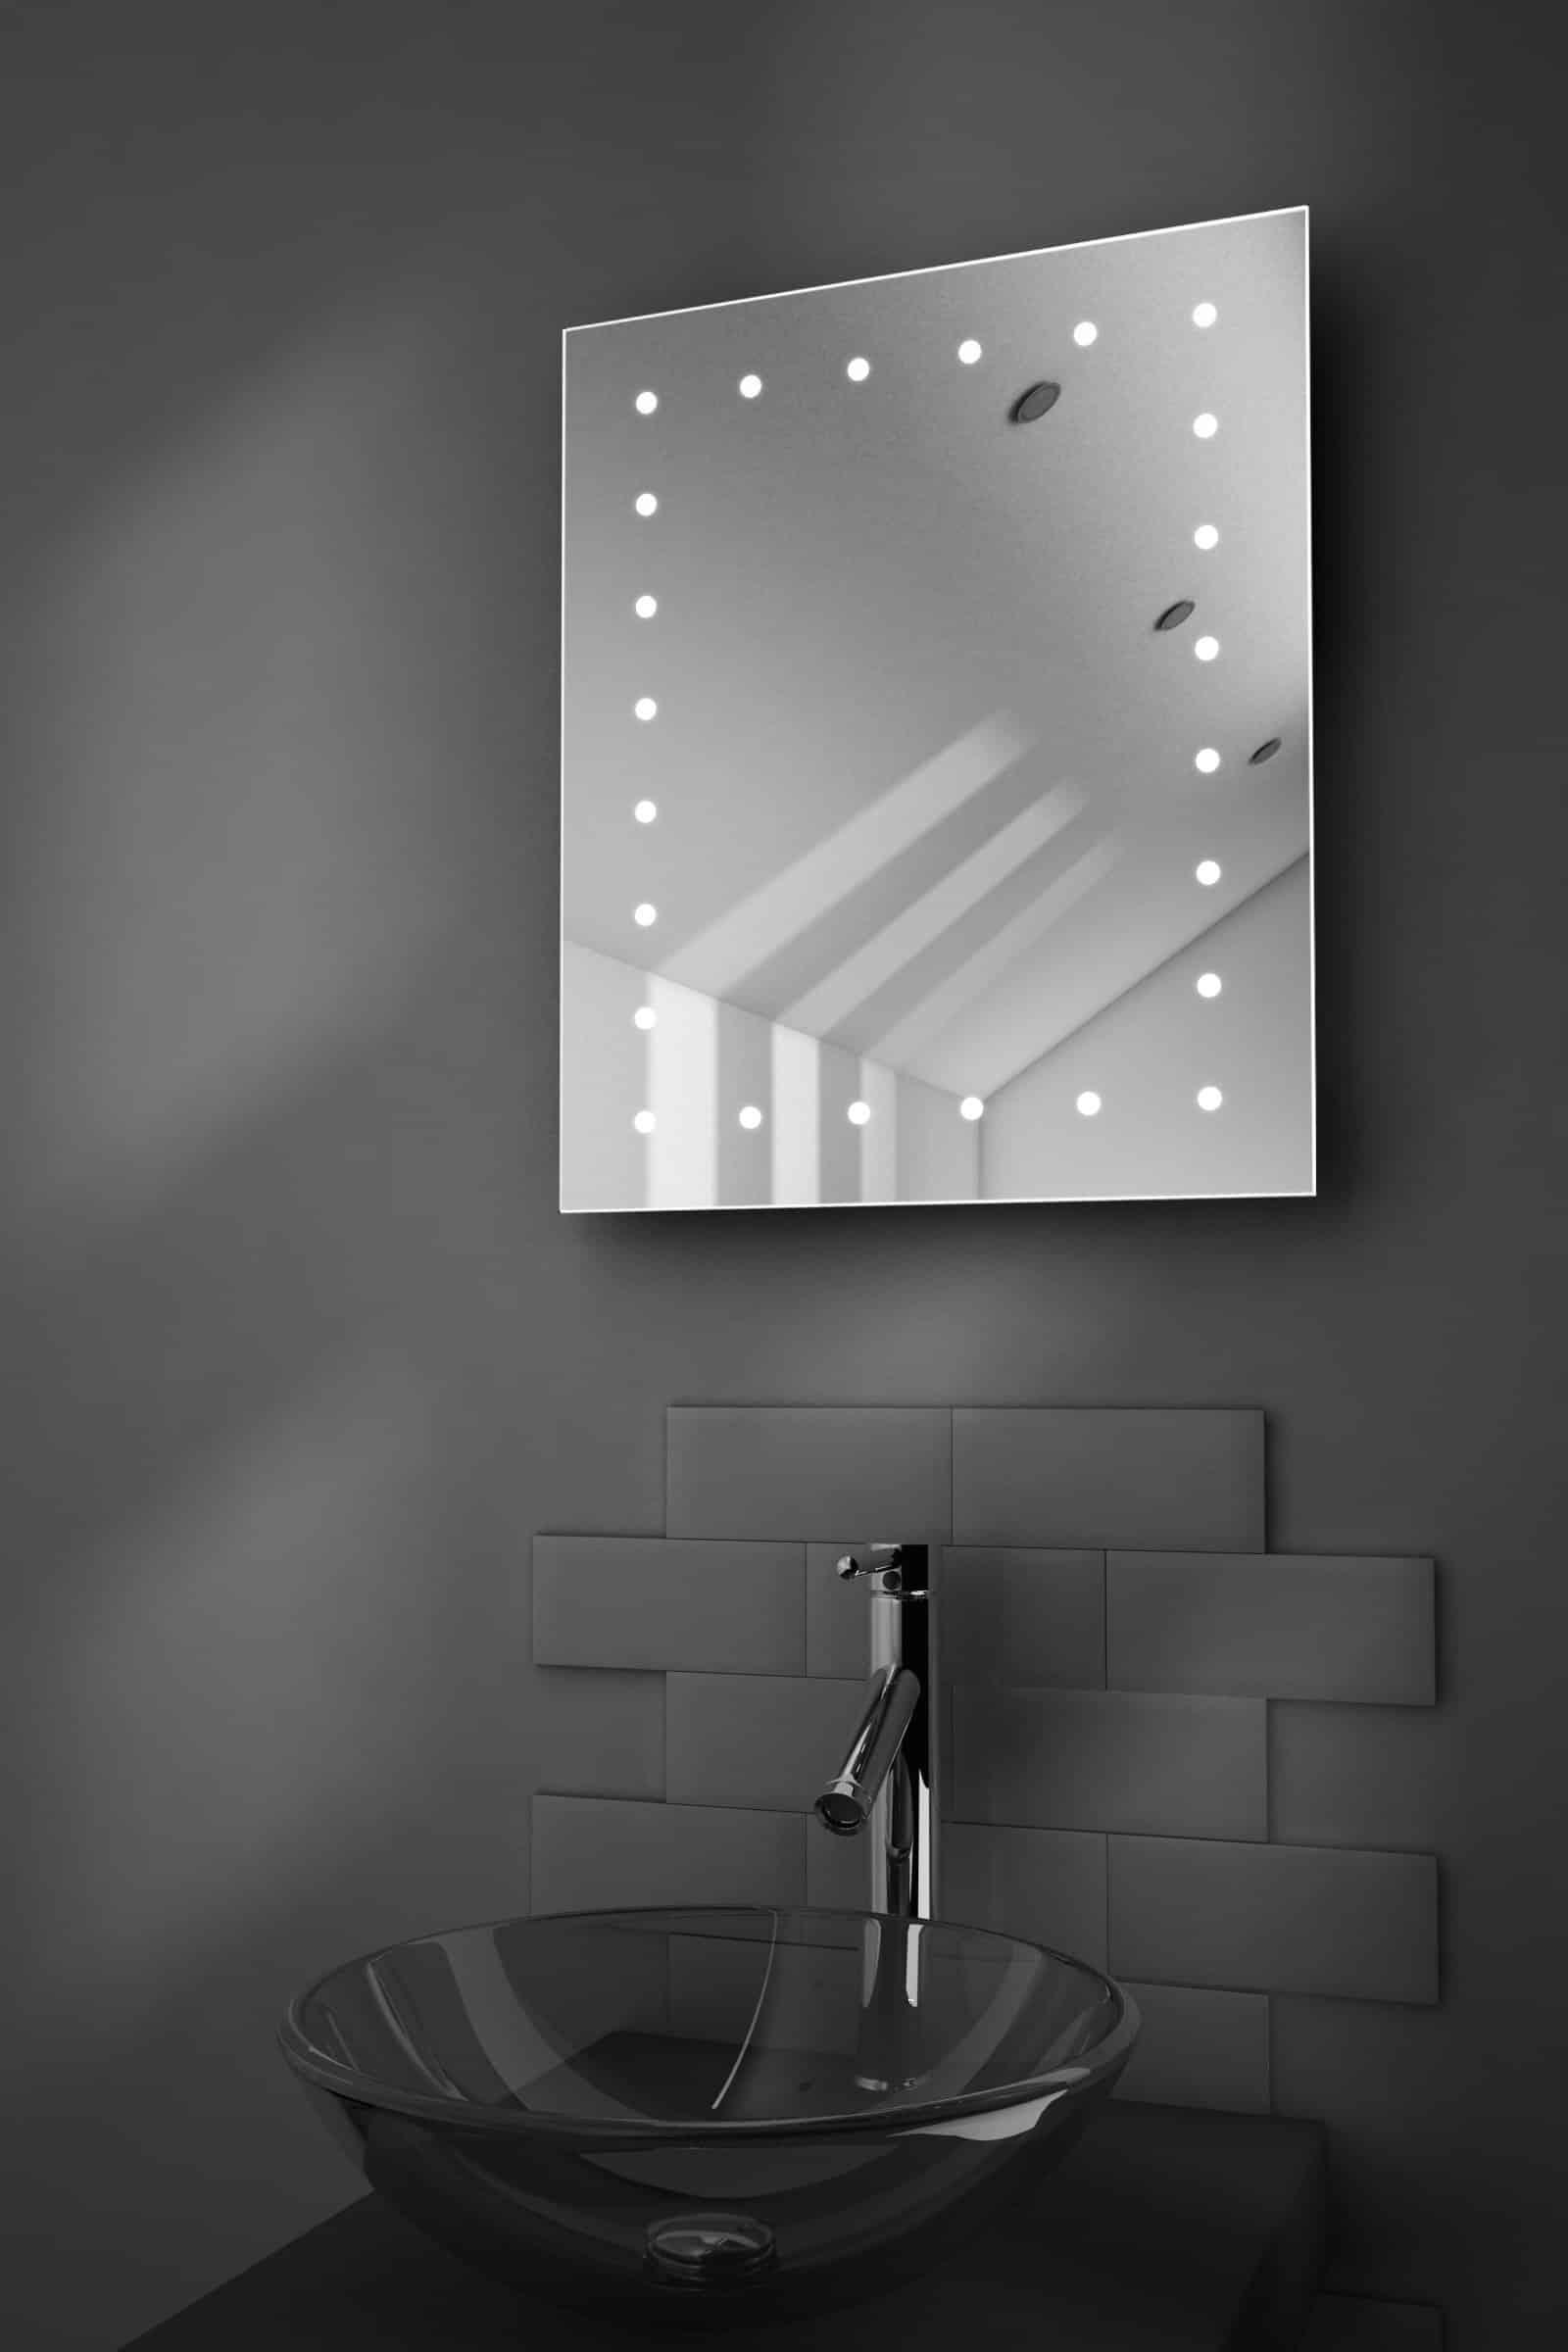 Badkamer Spiegels Met Verlichting: Met verlichting spiegels led ...